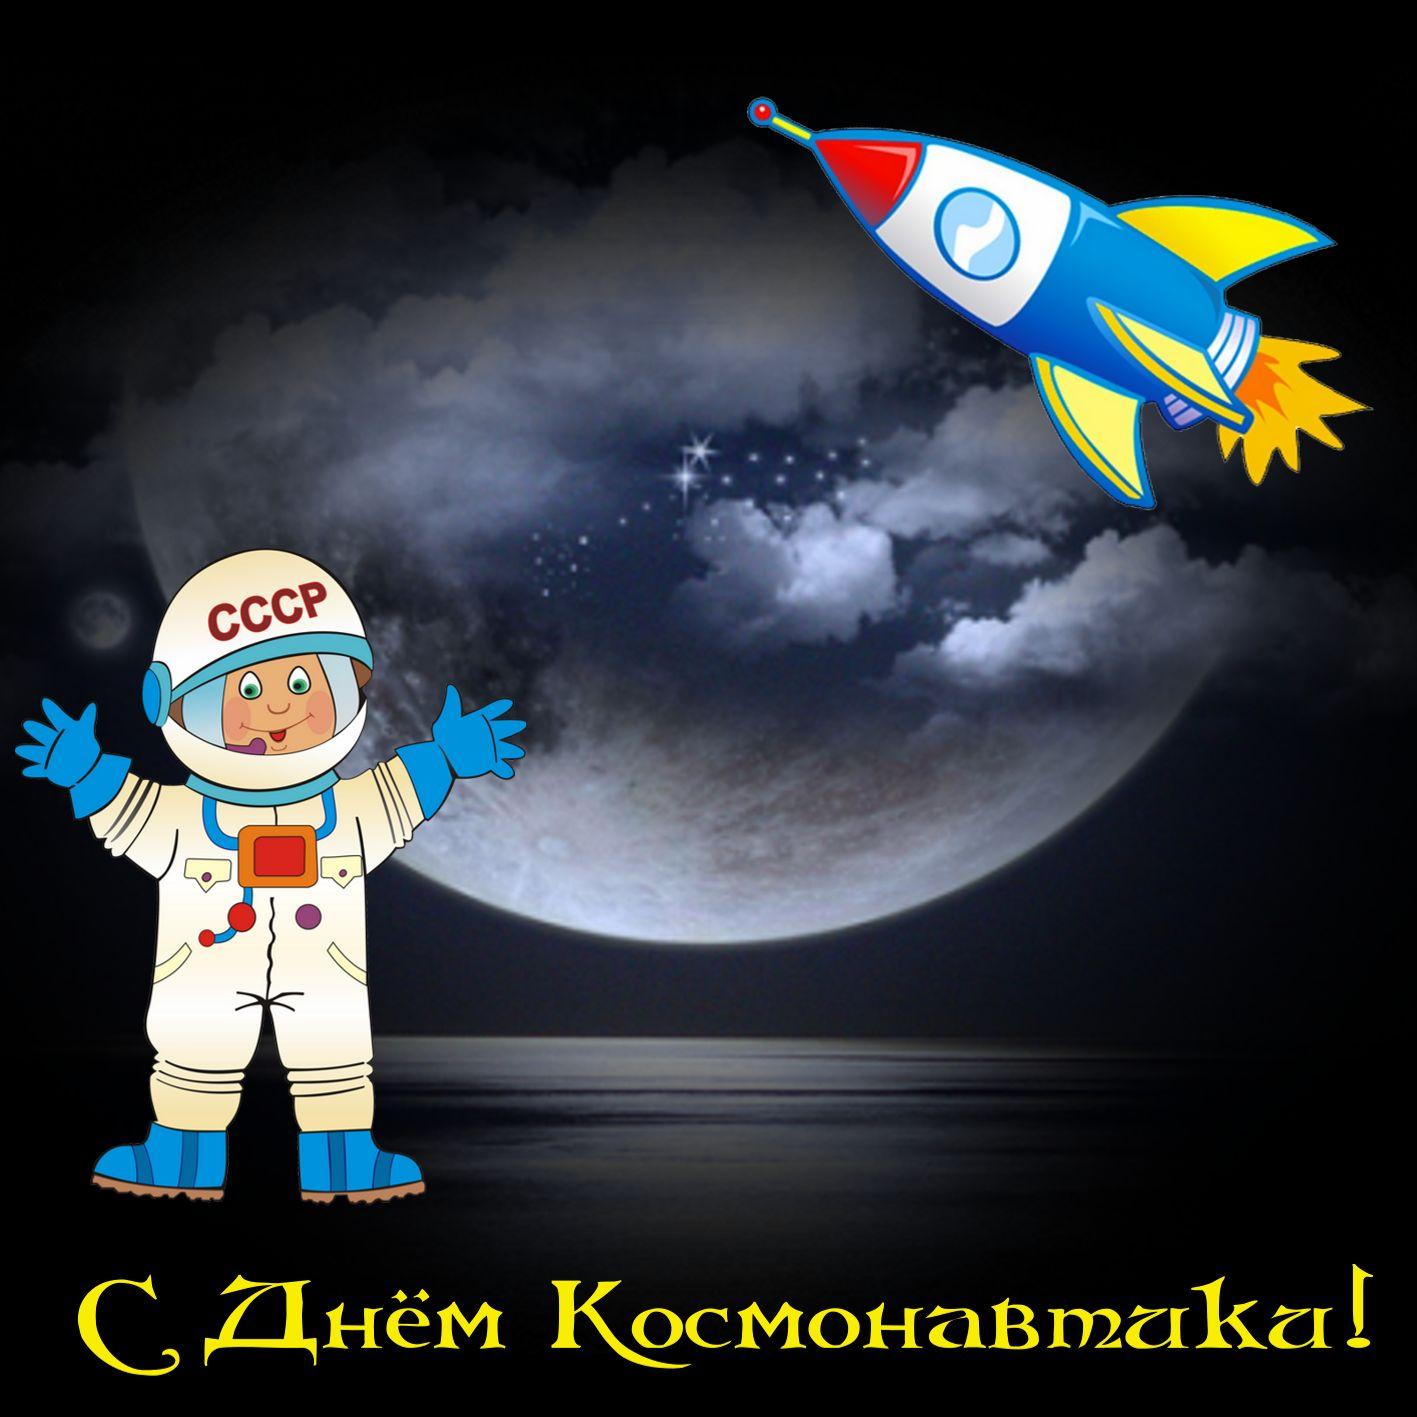 думаю прикольные открытки на день космонавтики россии уже